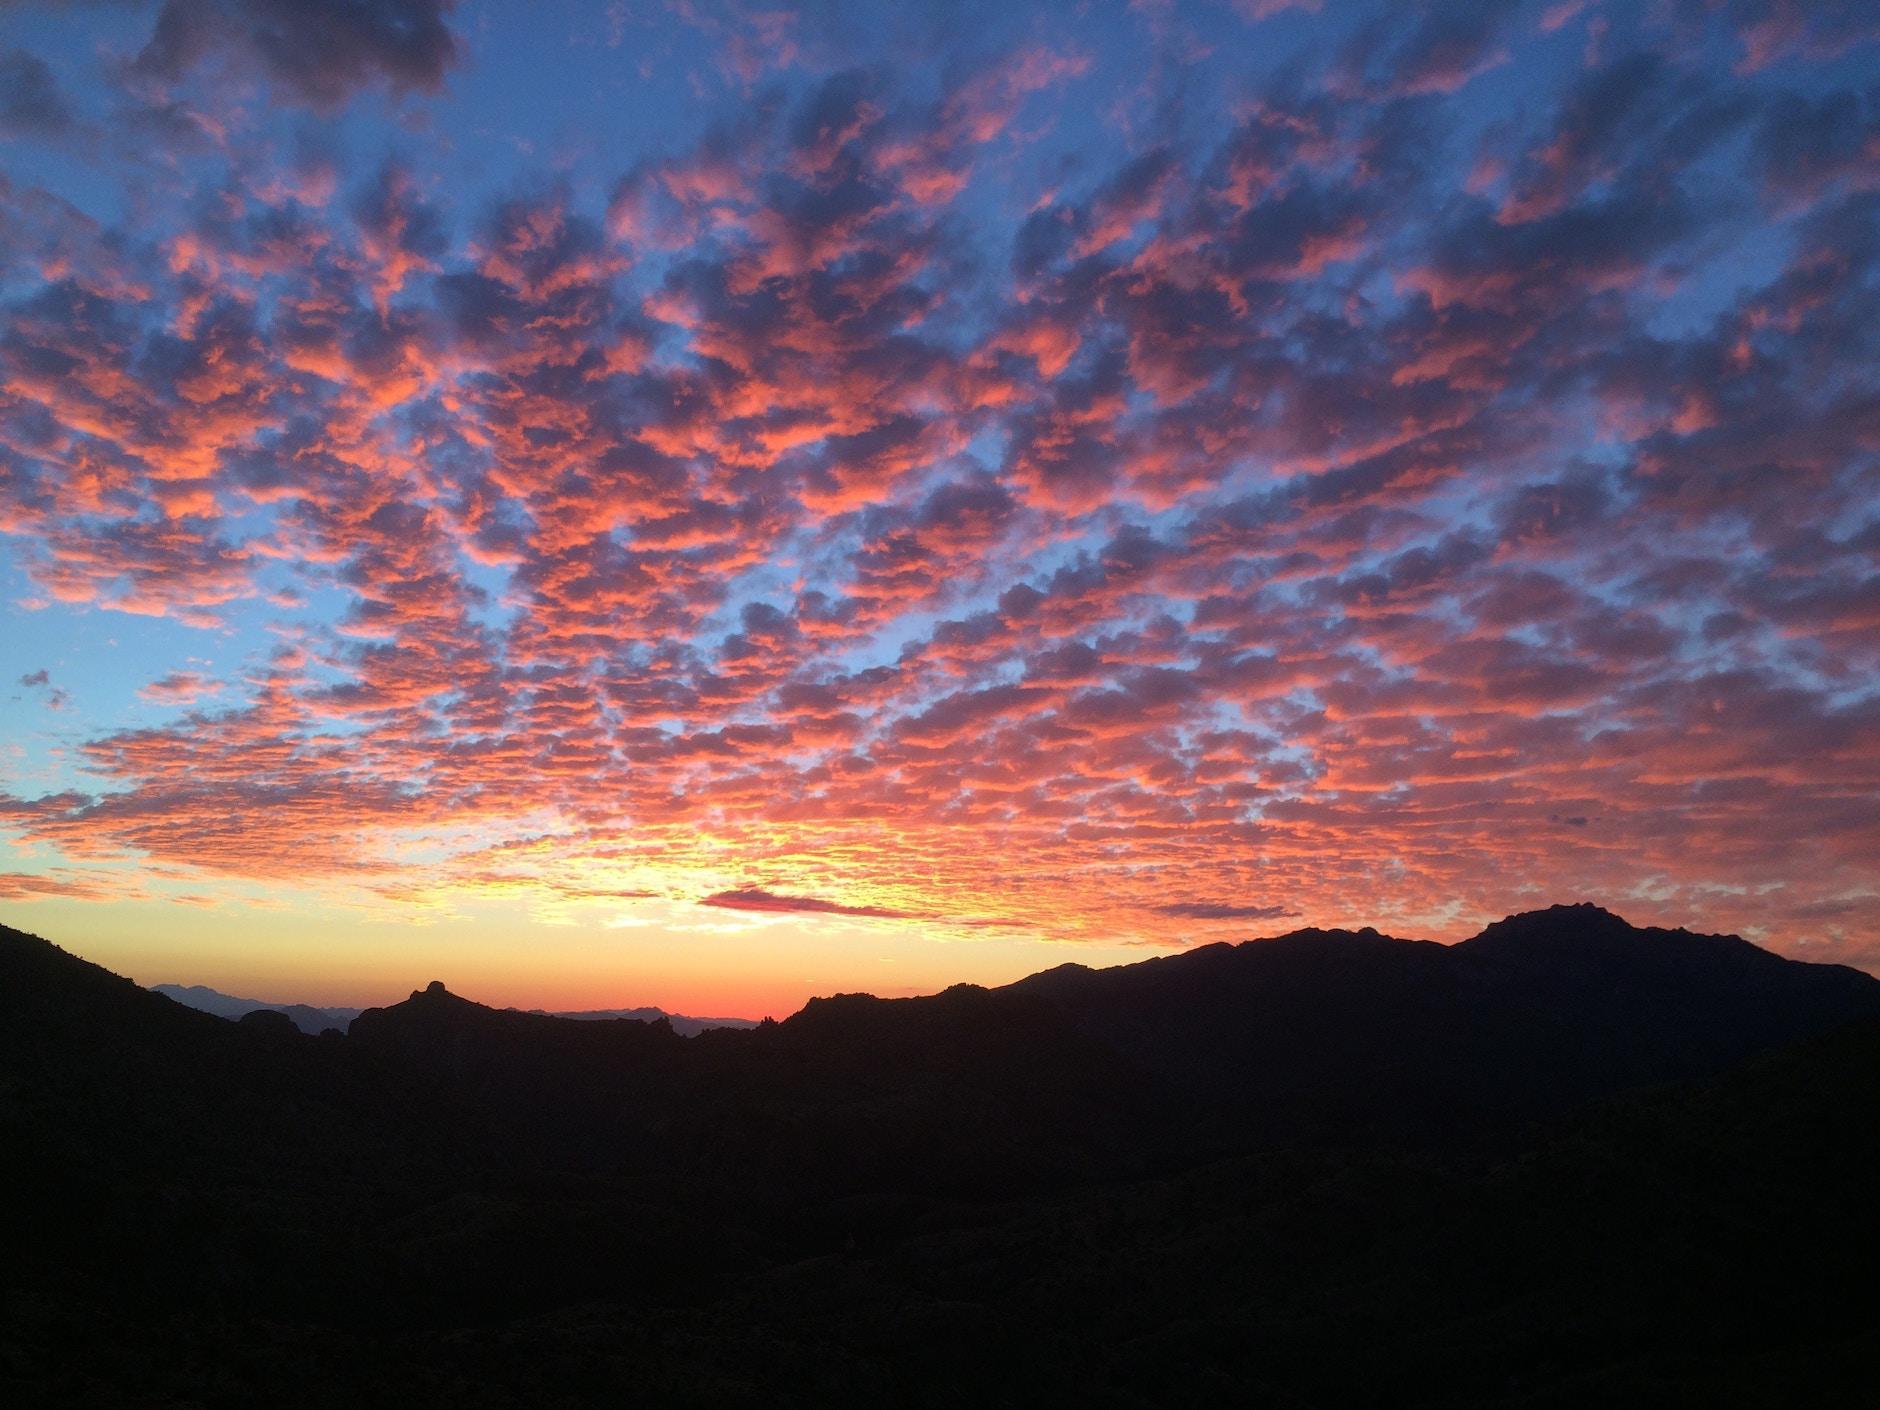 mountains in tucson, az